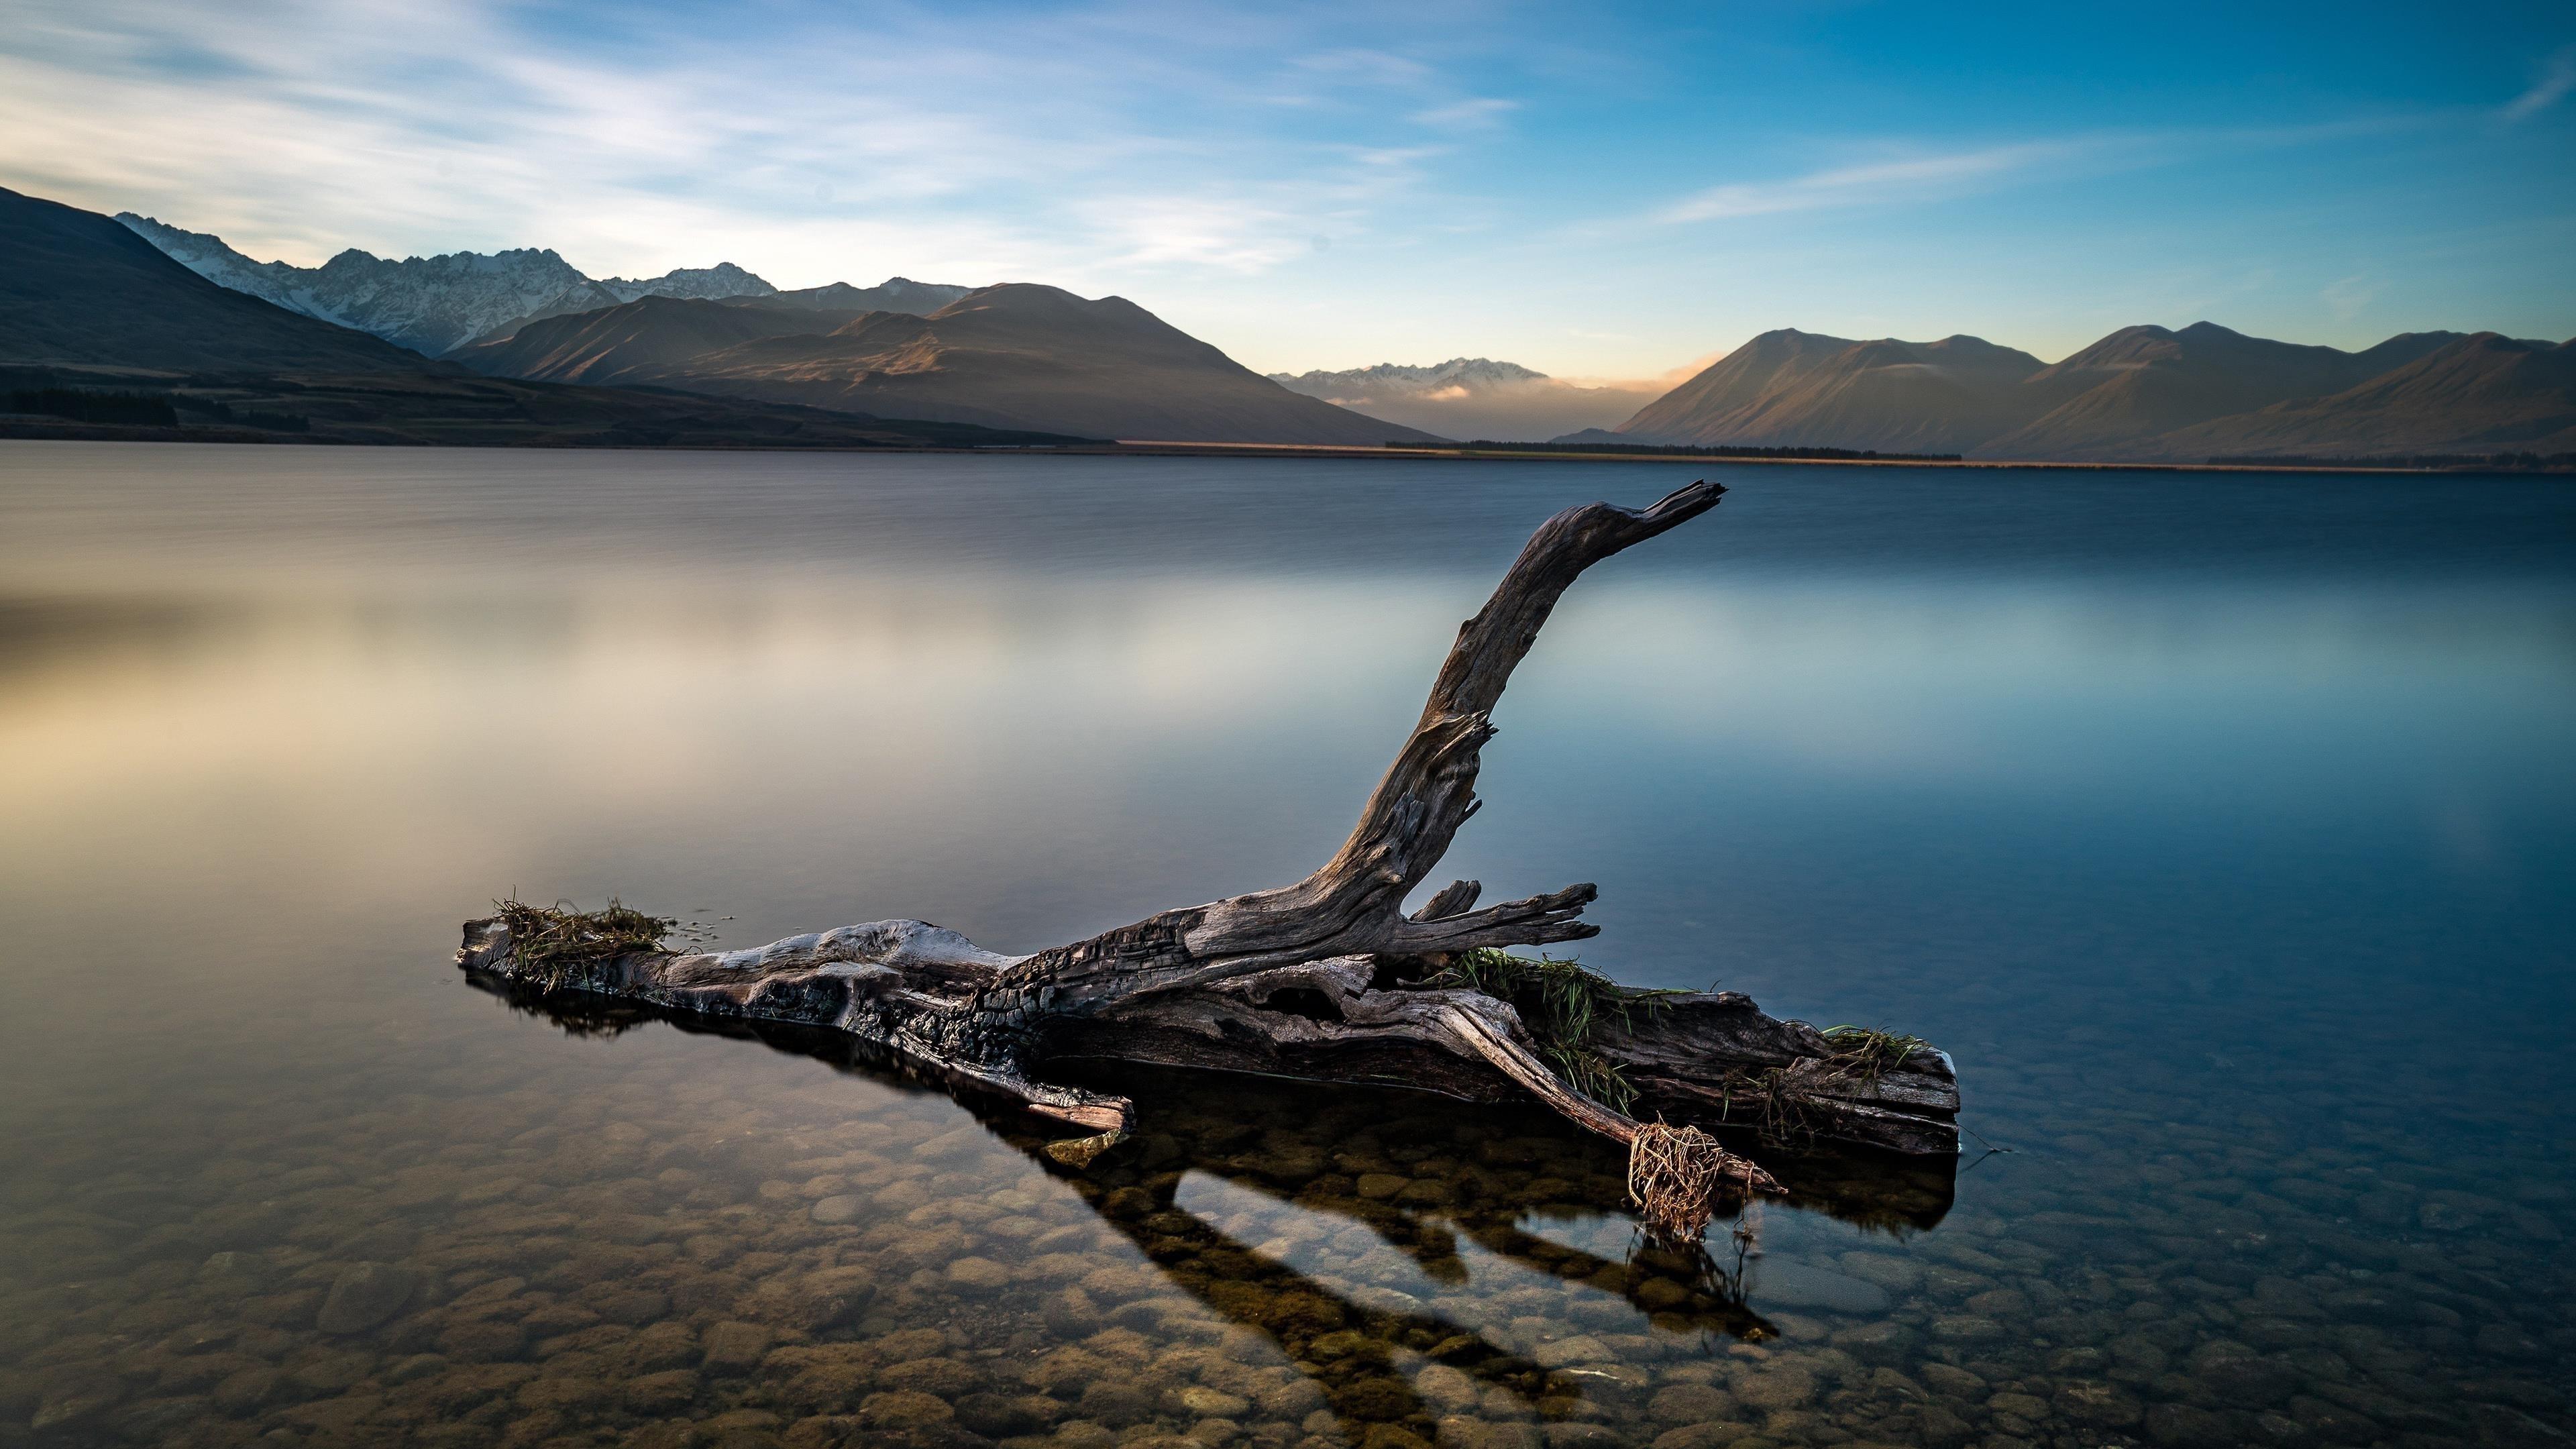 Сухое дерево в озере перед коричневой горой под голубым небом в дневное время Земля озеро природа обои скачать